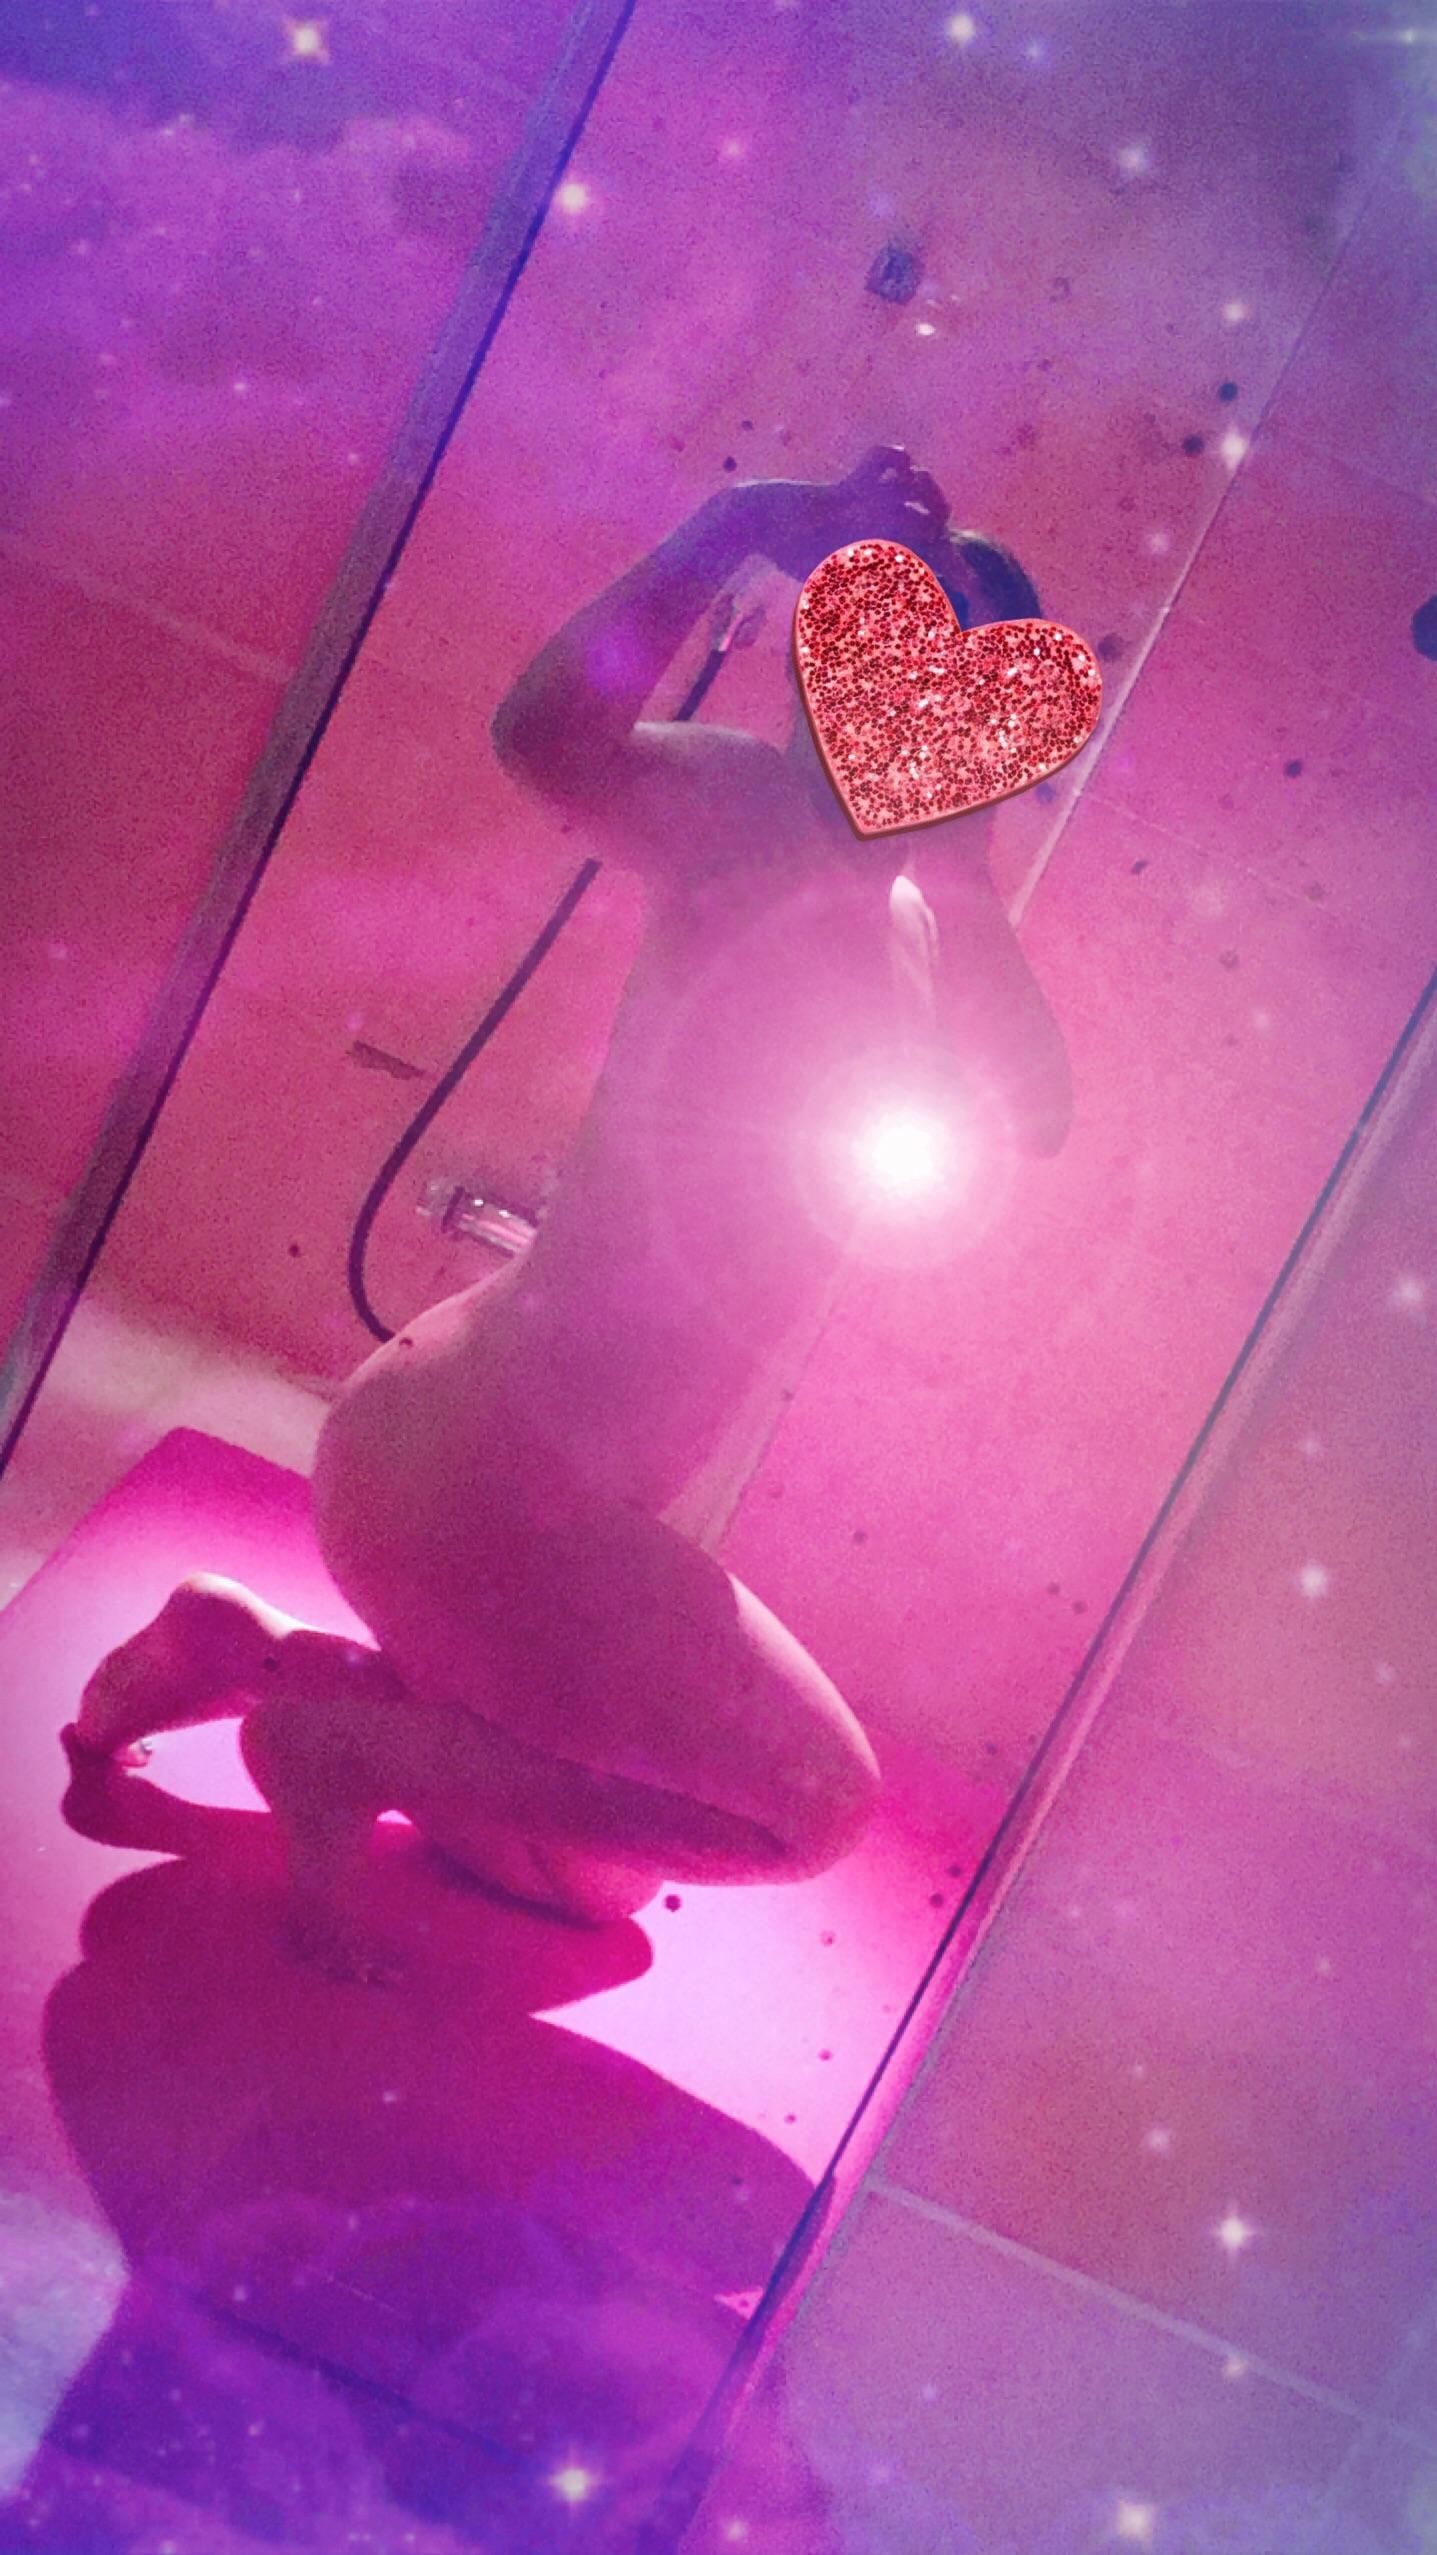 るり「戻りまぁす。」01/19(土) 21:00   るりの写メ・風俗動画